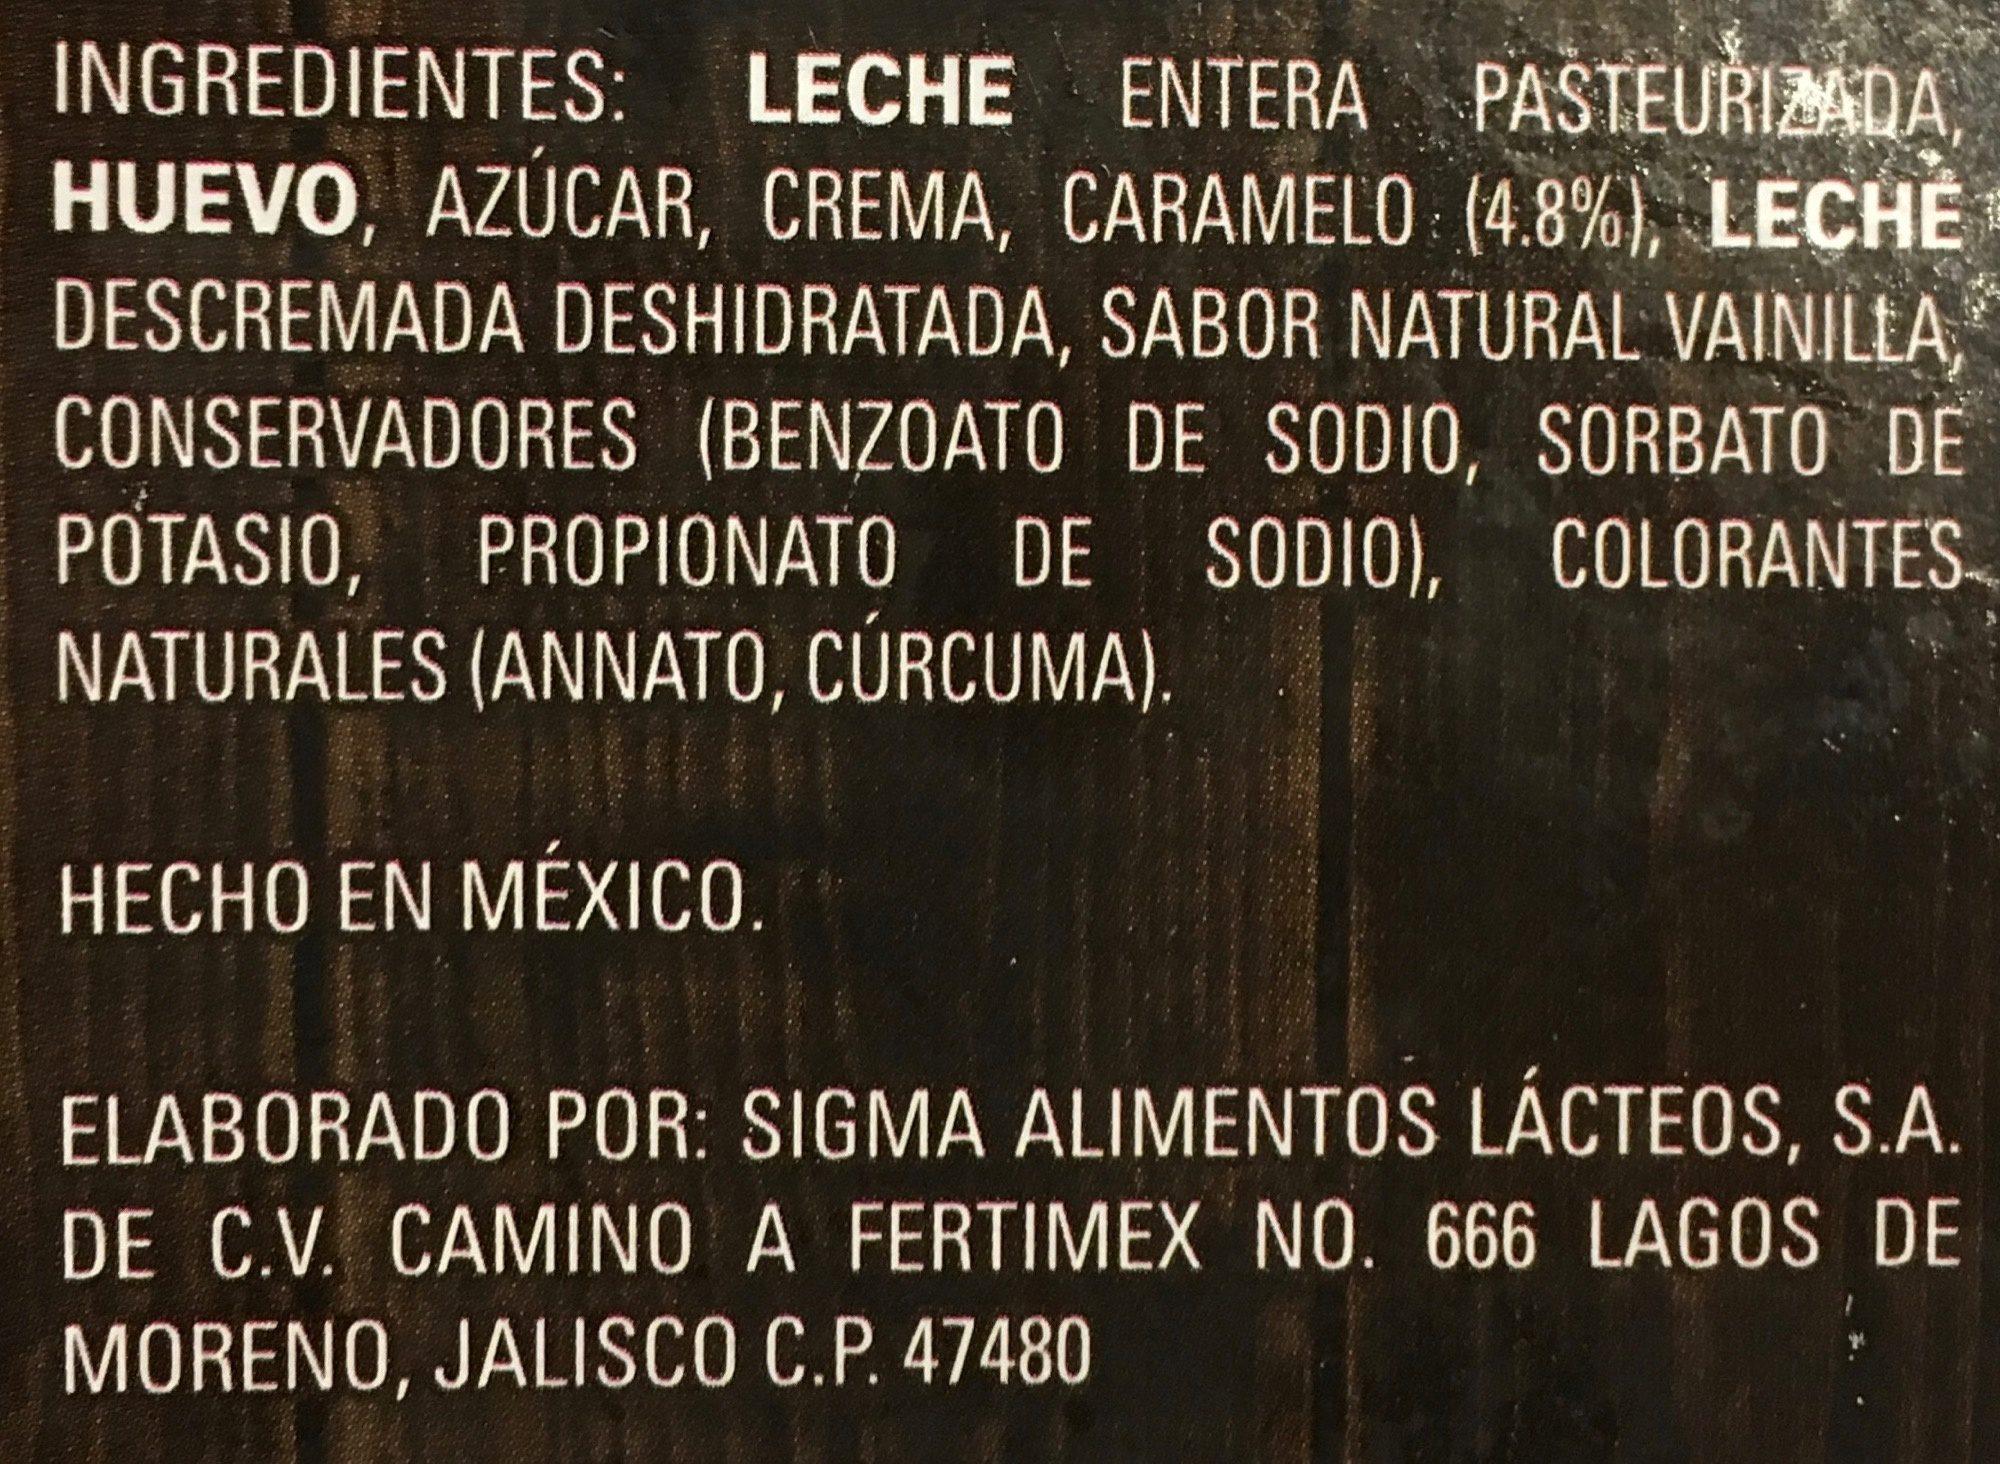 Flan Casero Yoplait - Ingrediënten - es